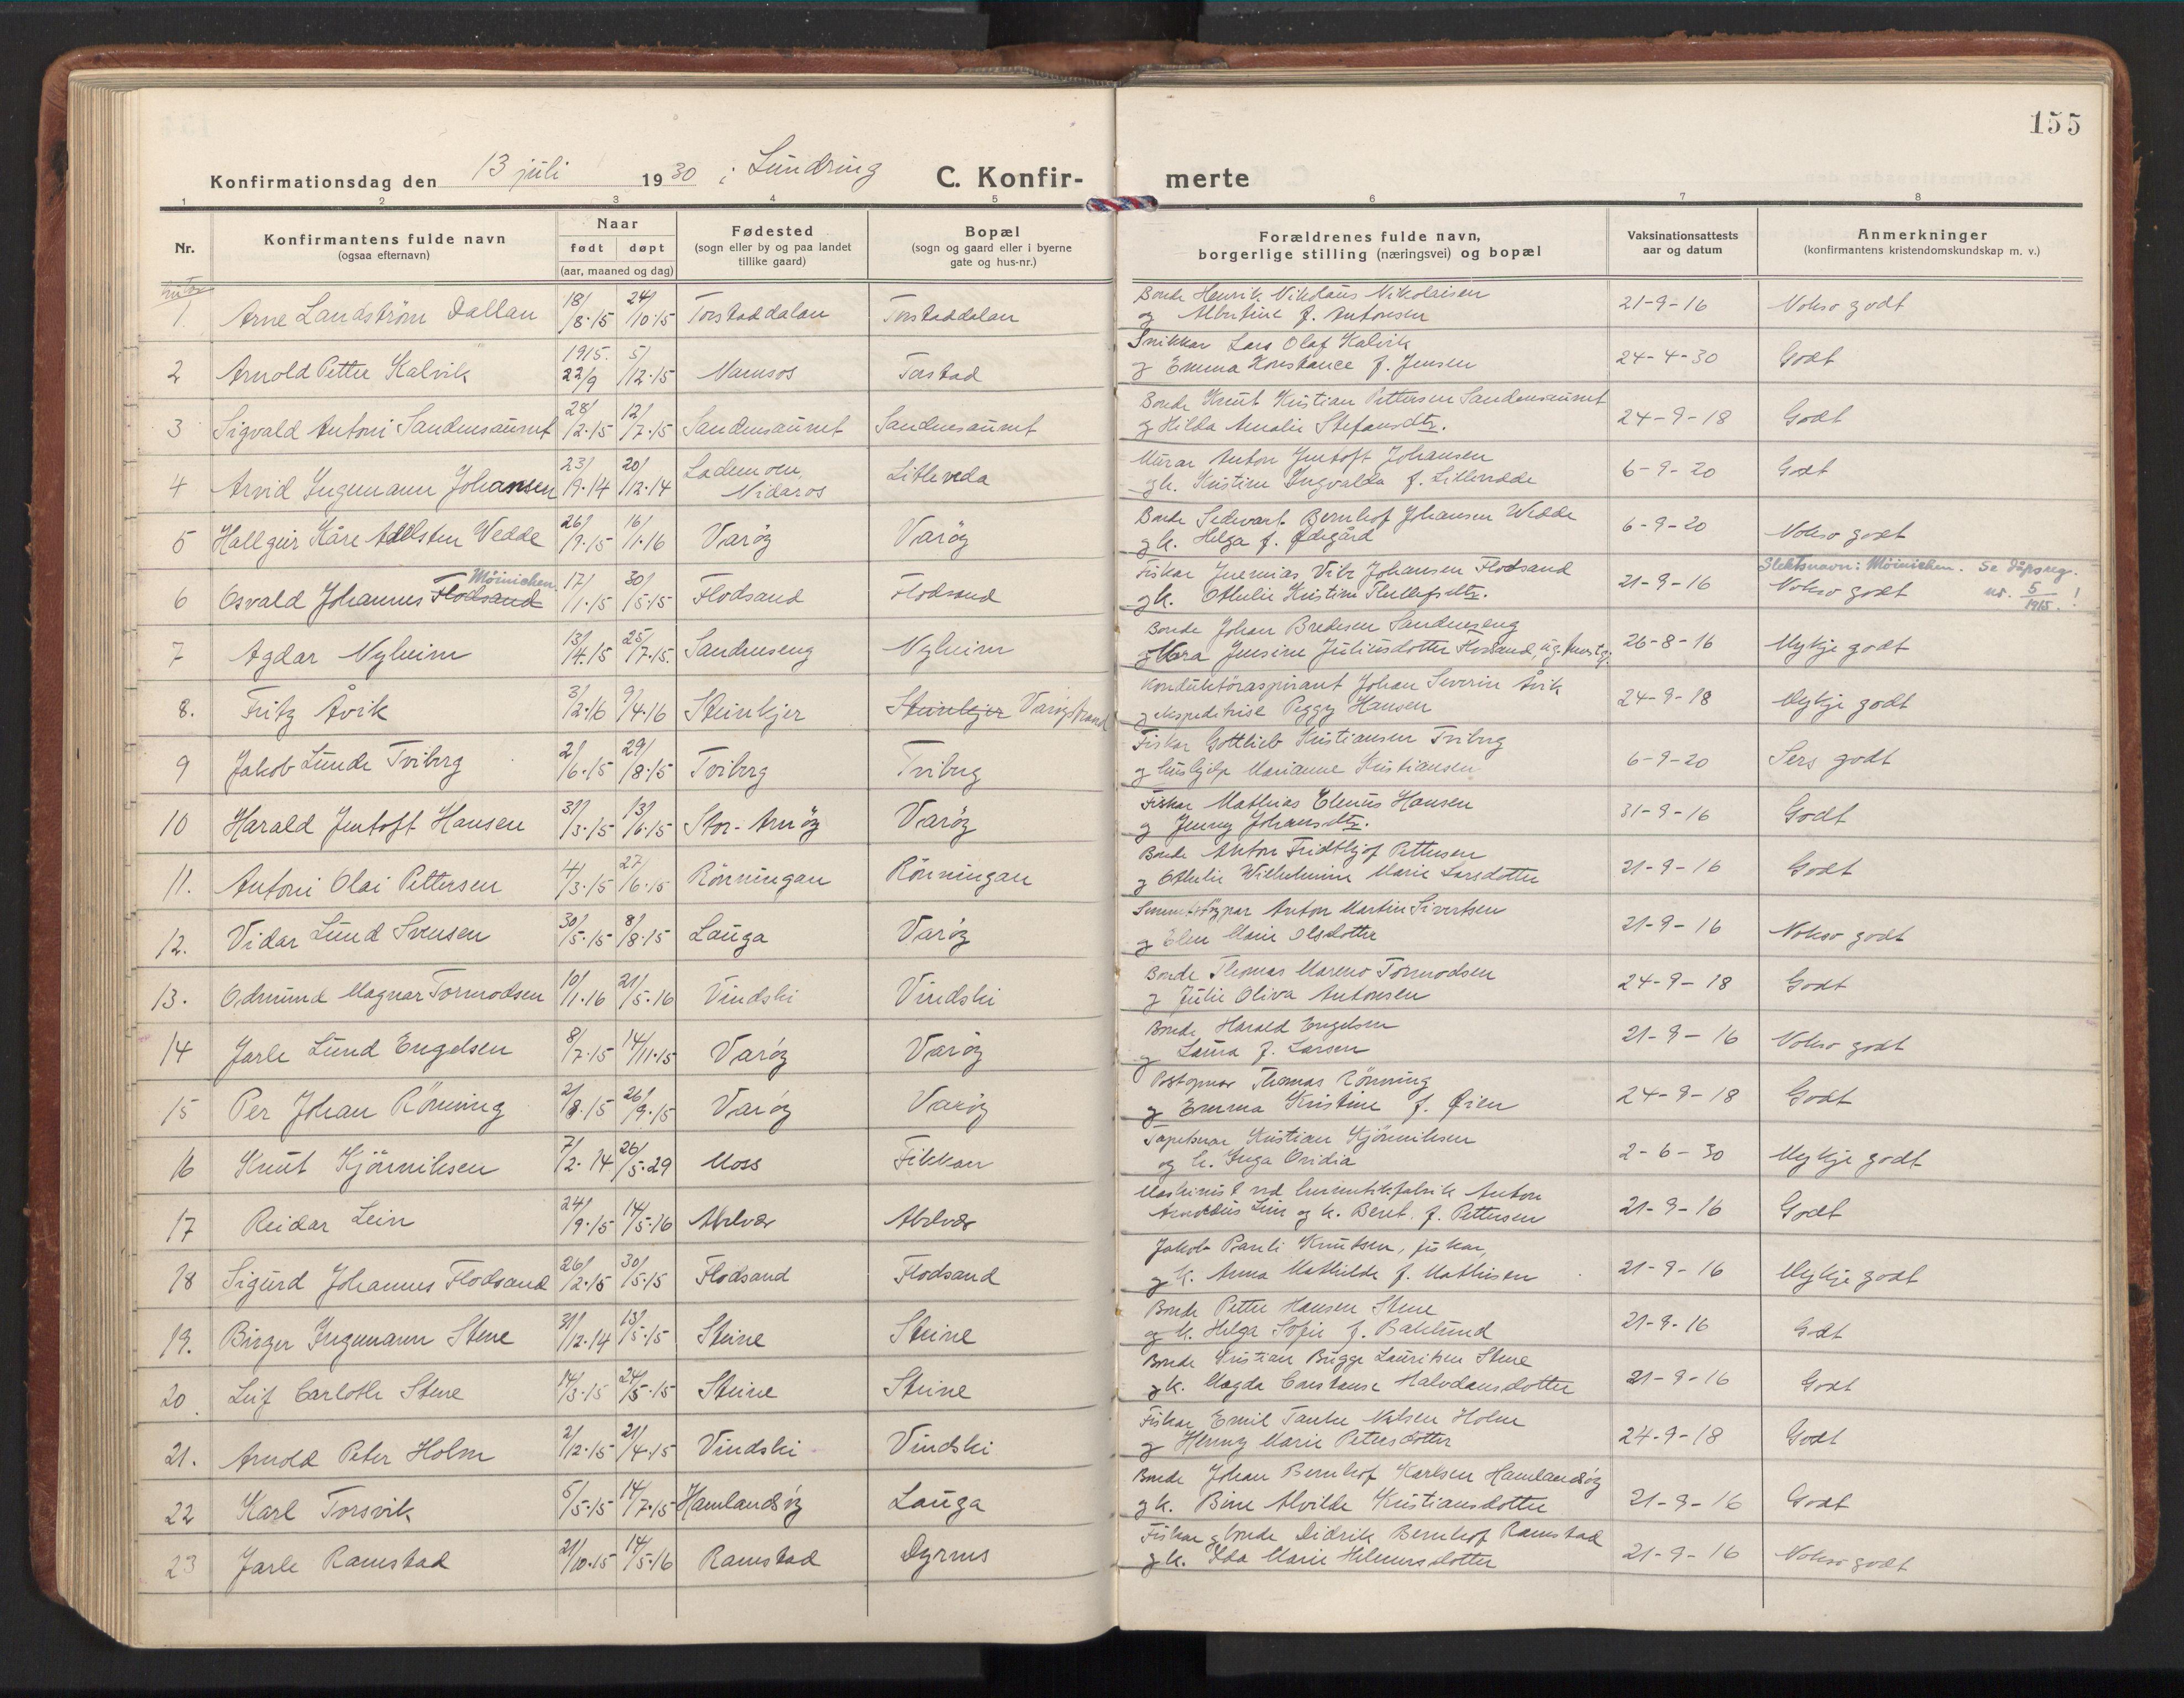 SAT, Ministerialprotokoller, klokkerbøker og fødselsregistre - Nord-Trøndelag, 784/L0678: Ministerialbok nr. 784A13, 1921-1938, s. 155